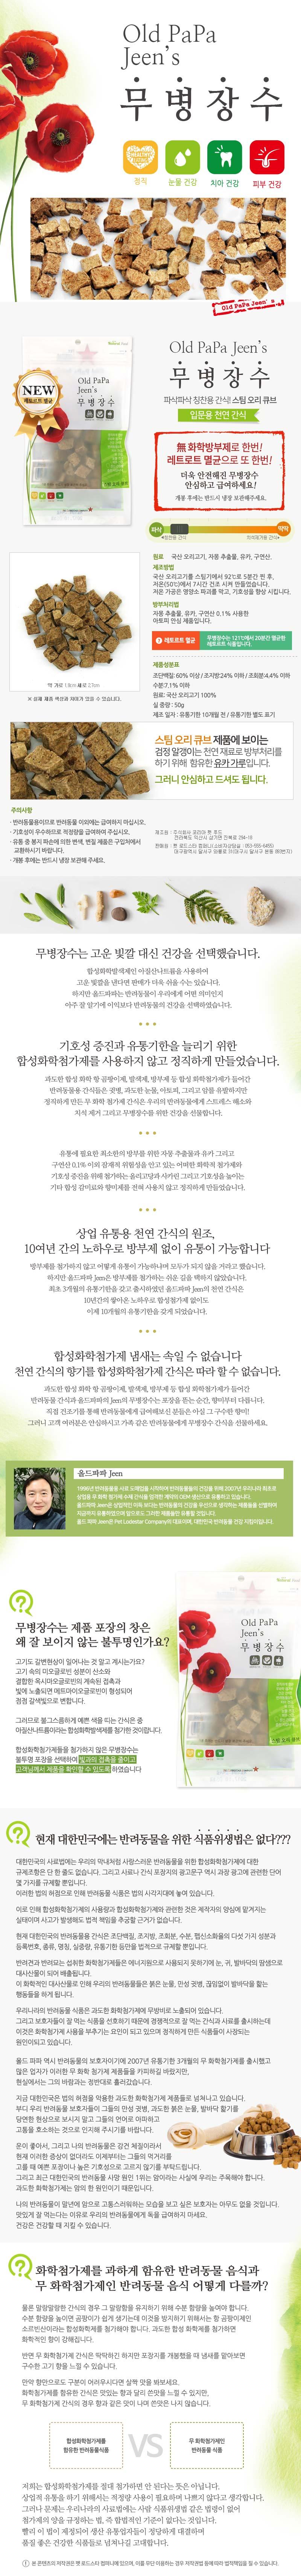 무병장수_스팀오리큐브(입문용).jpg